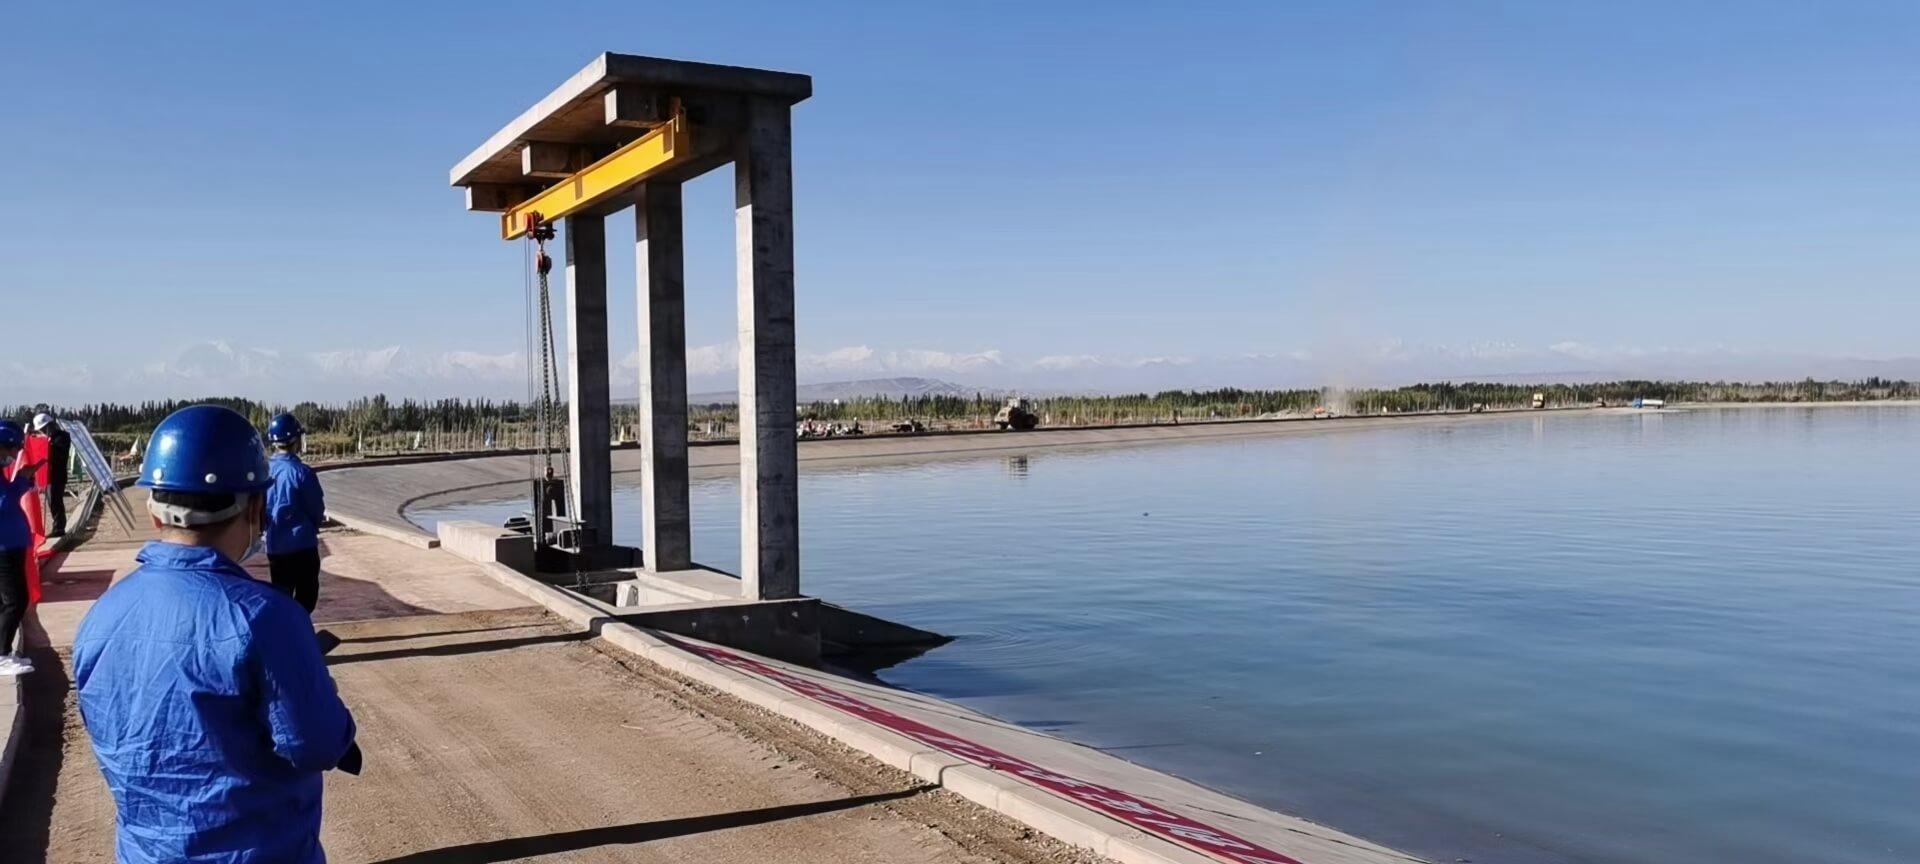 喀什吐曼河沉沙(条渠)建设项目